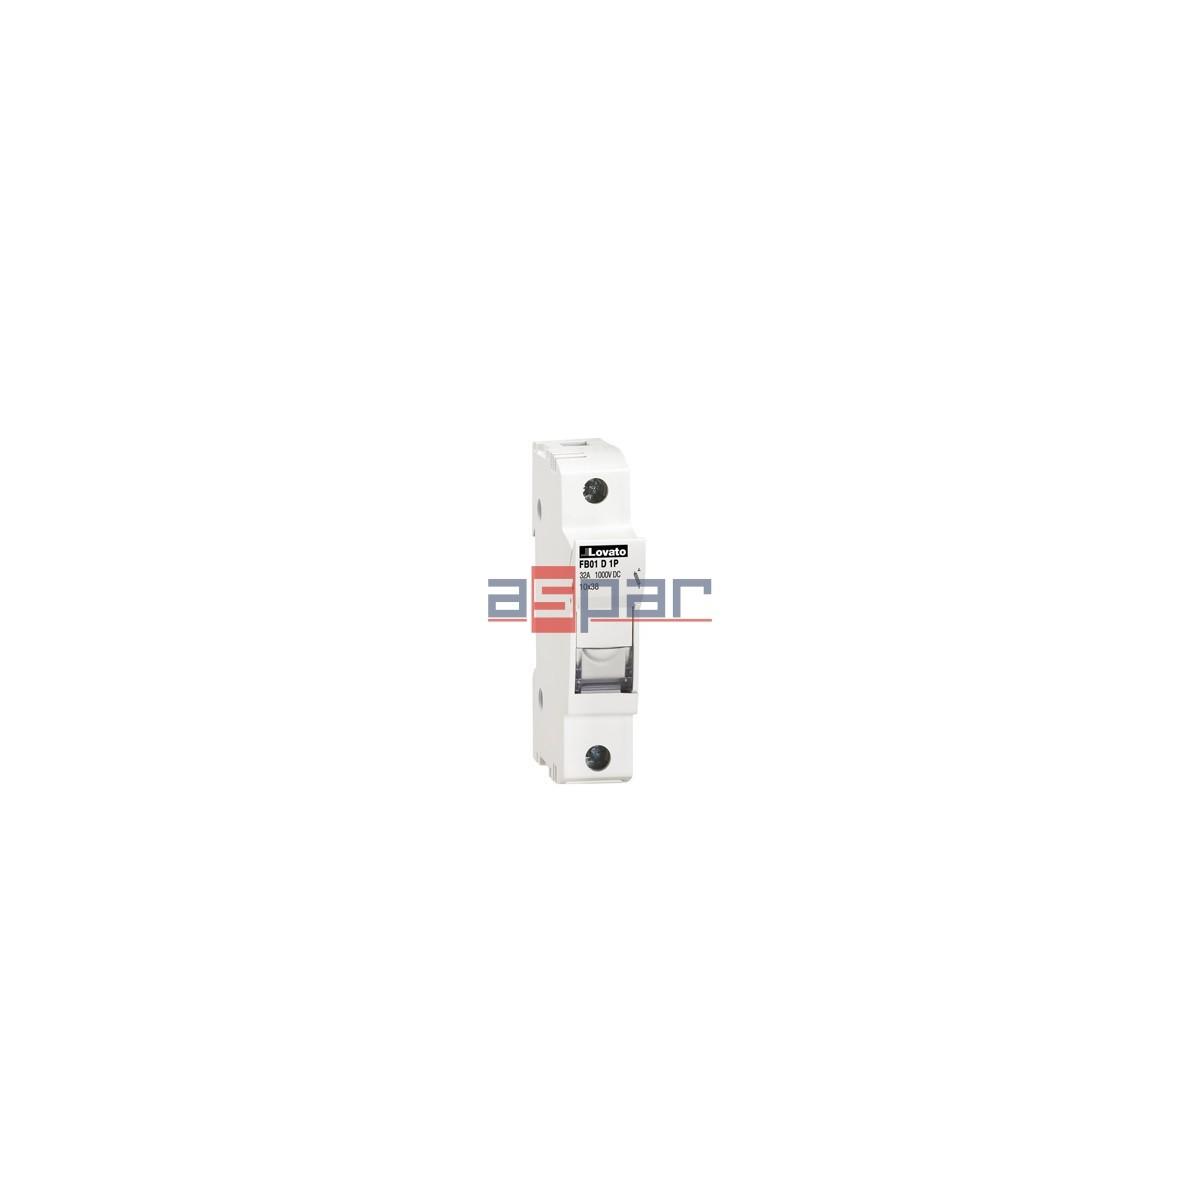 FB01D1P - Podstawa bezpiecznika 10x38, 1 pole